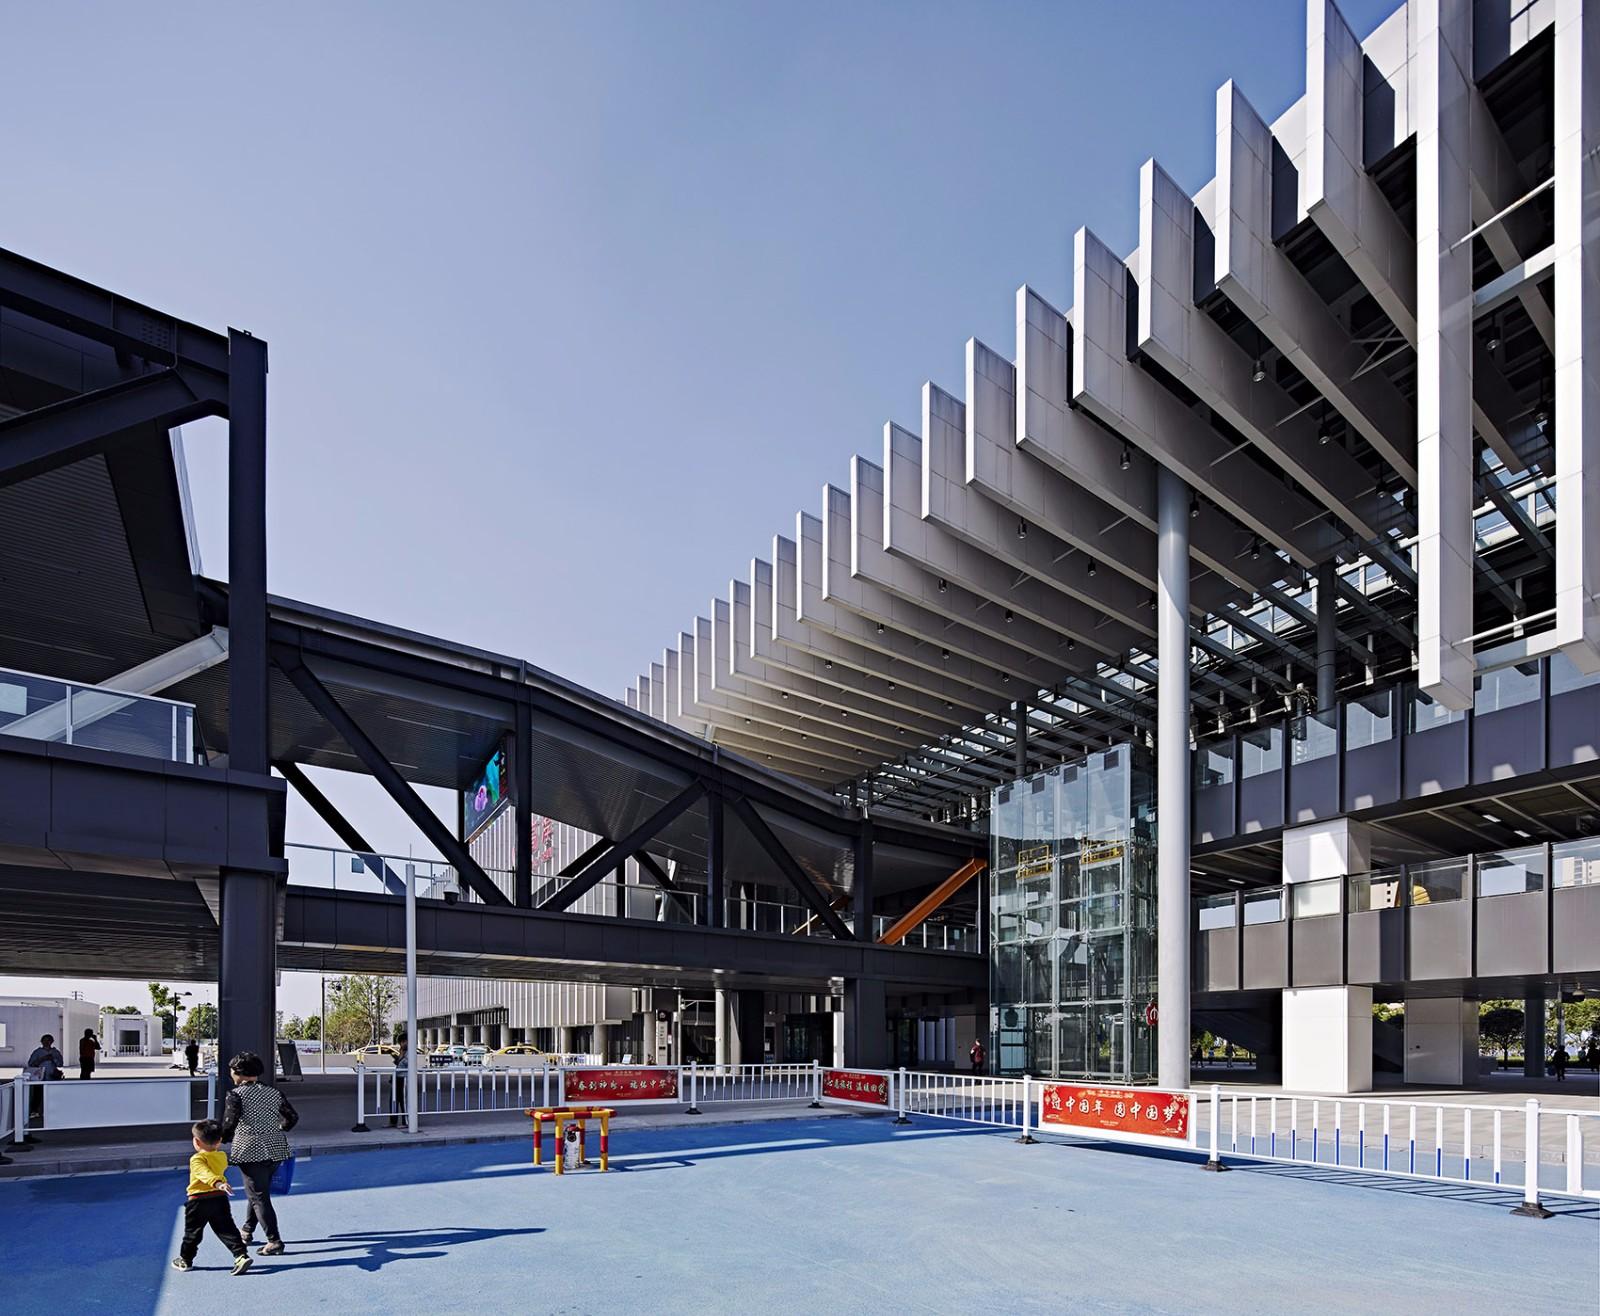 南京高淳苏皖交通枢纽中心一期建筑设计/BAU